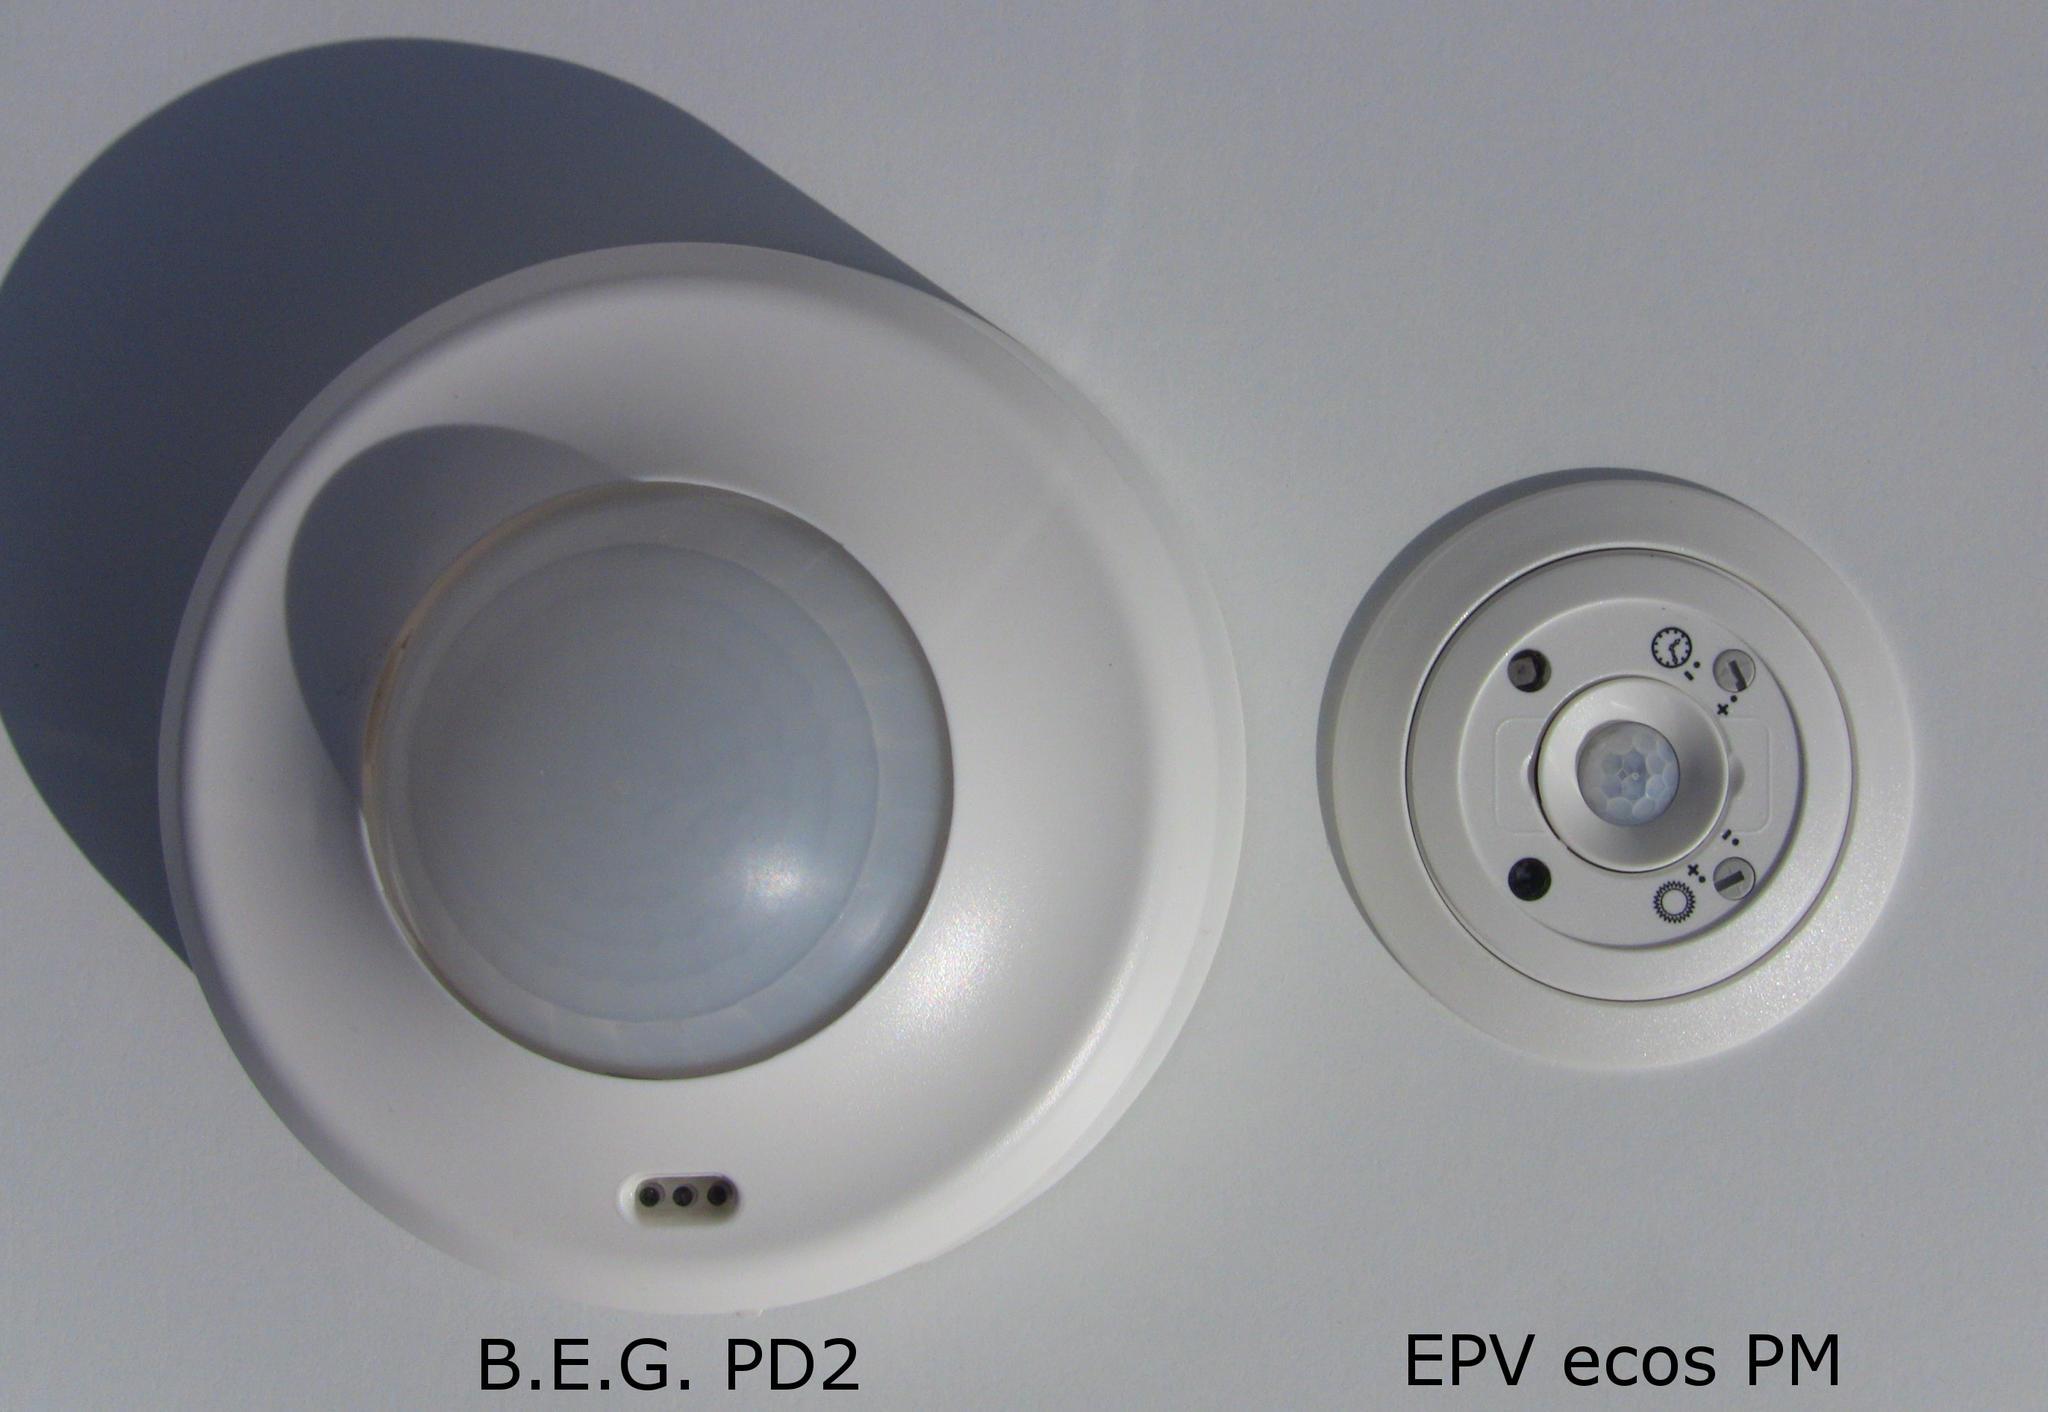 Comparison BEG / Ecos